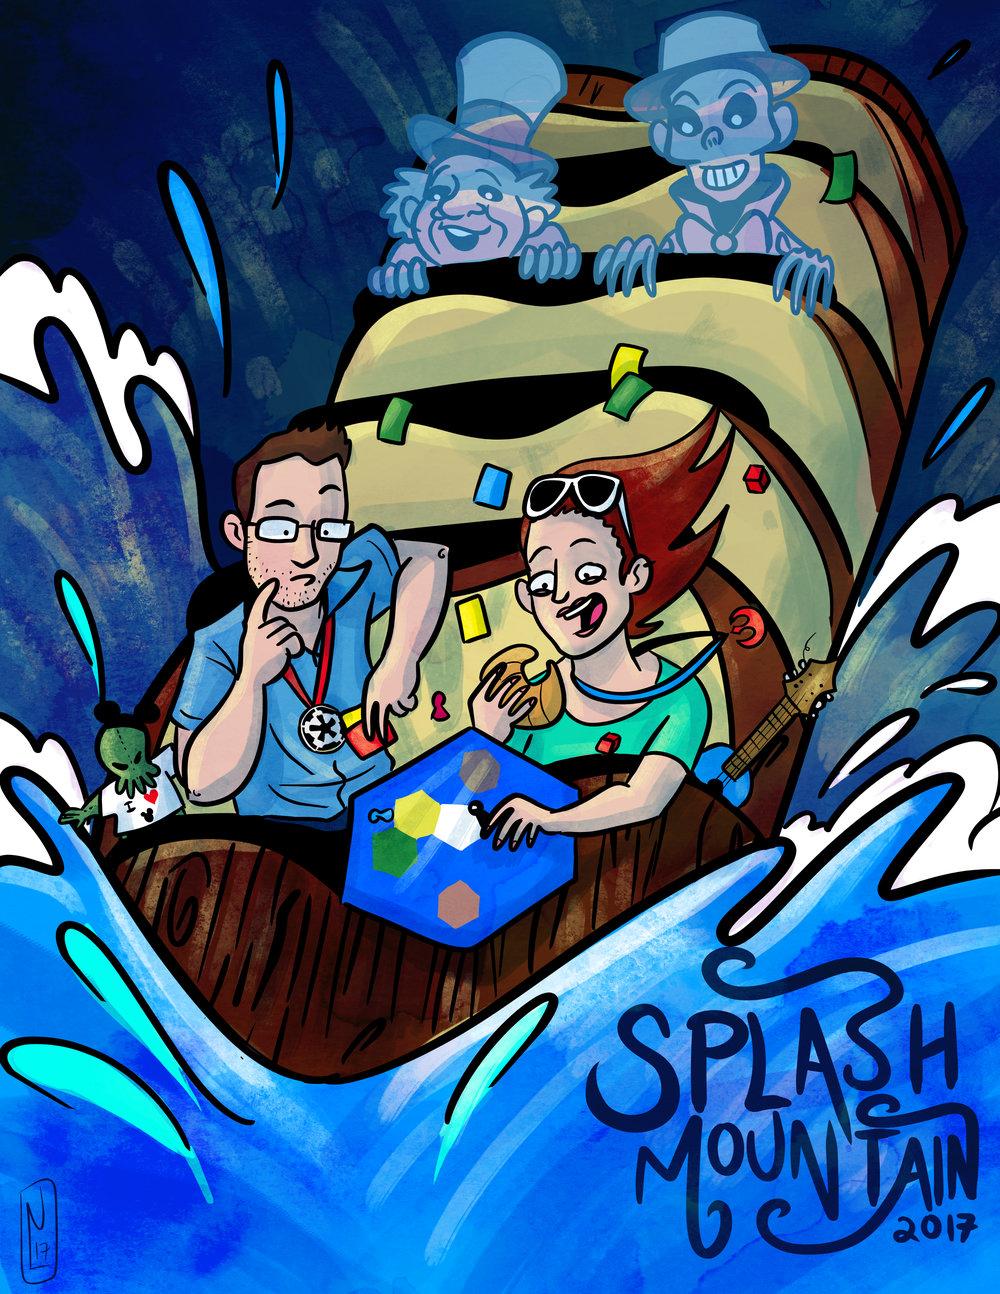 SplashMountain.jpg